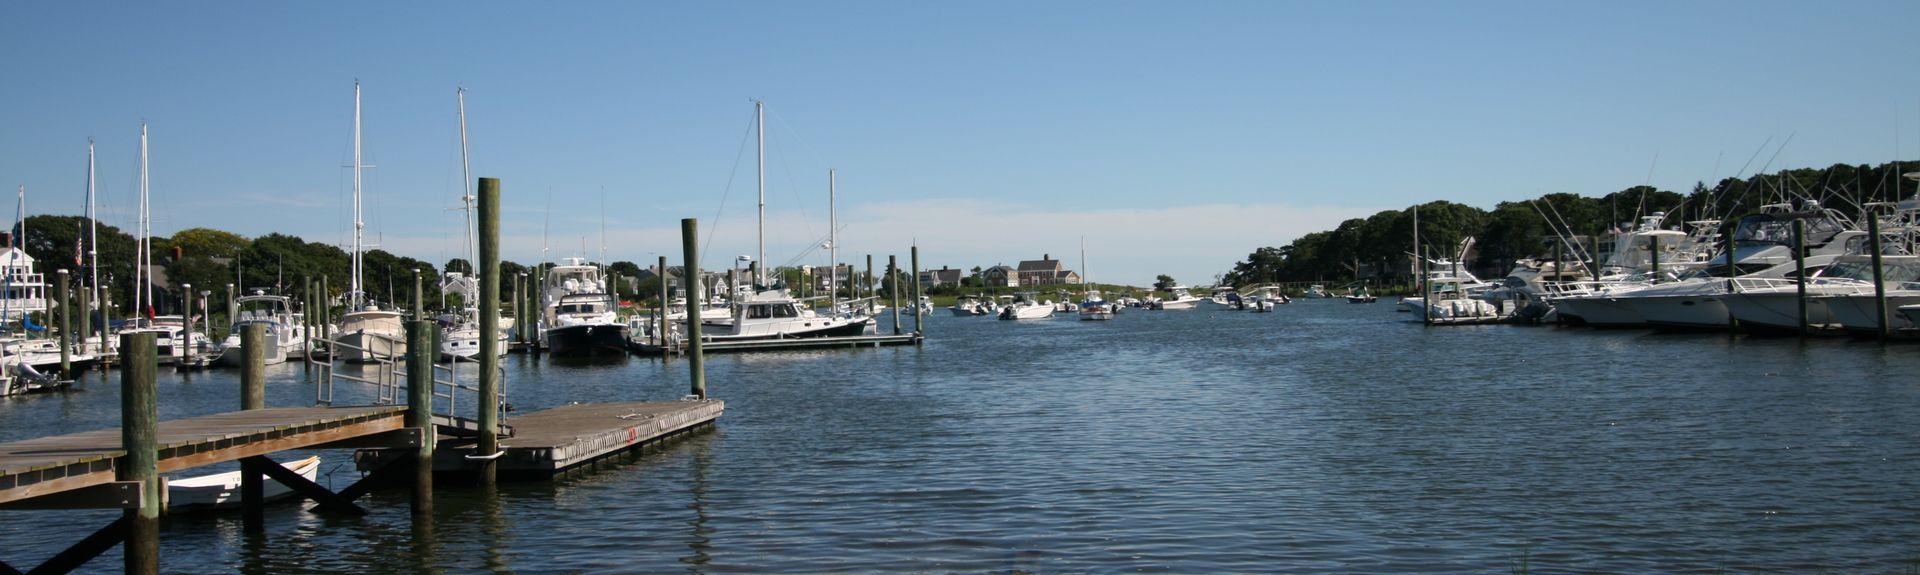 Bank Street Beach, Harwich Port, Massachusetts, USA